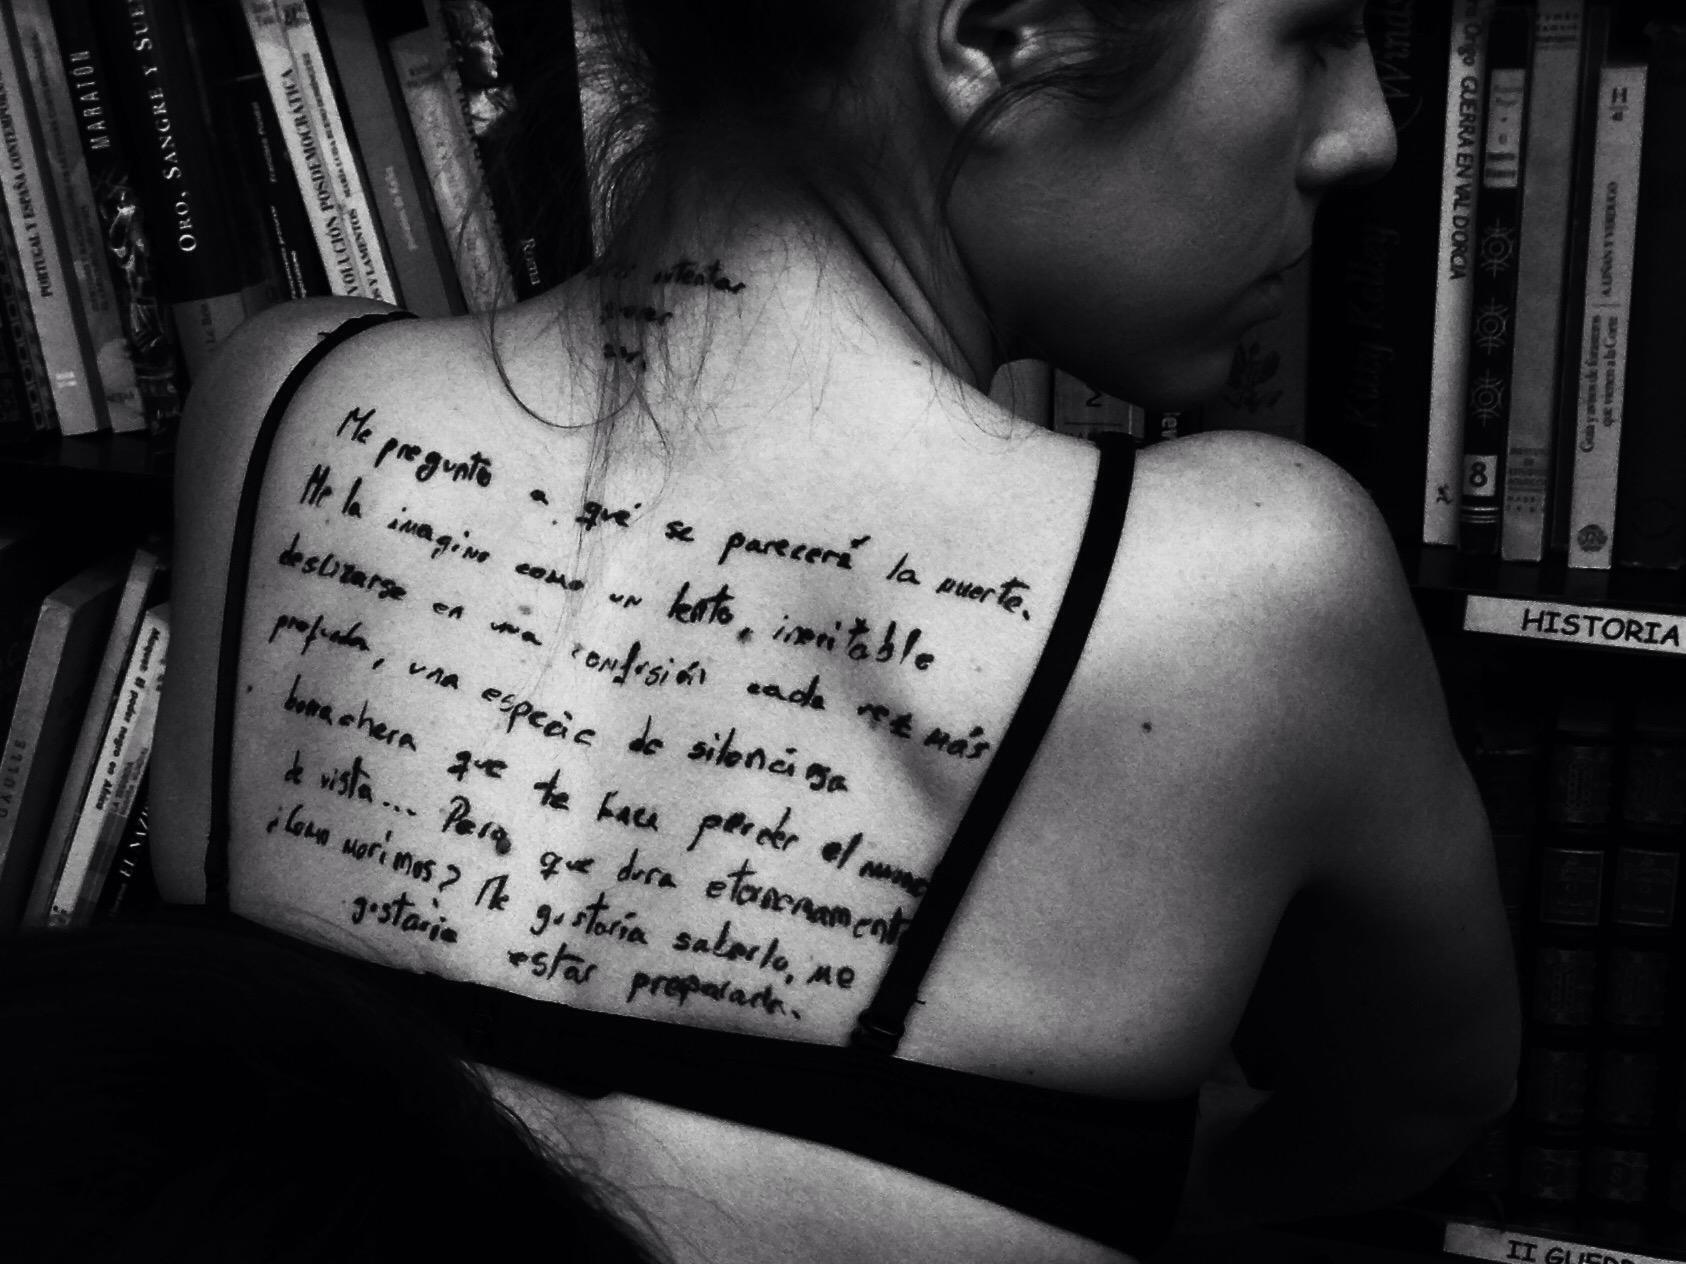 Plano medio, blanco y negro. Modelo de espaldas, con un texto tatuado en la espalda.